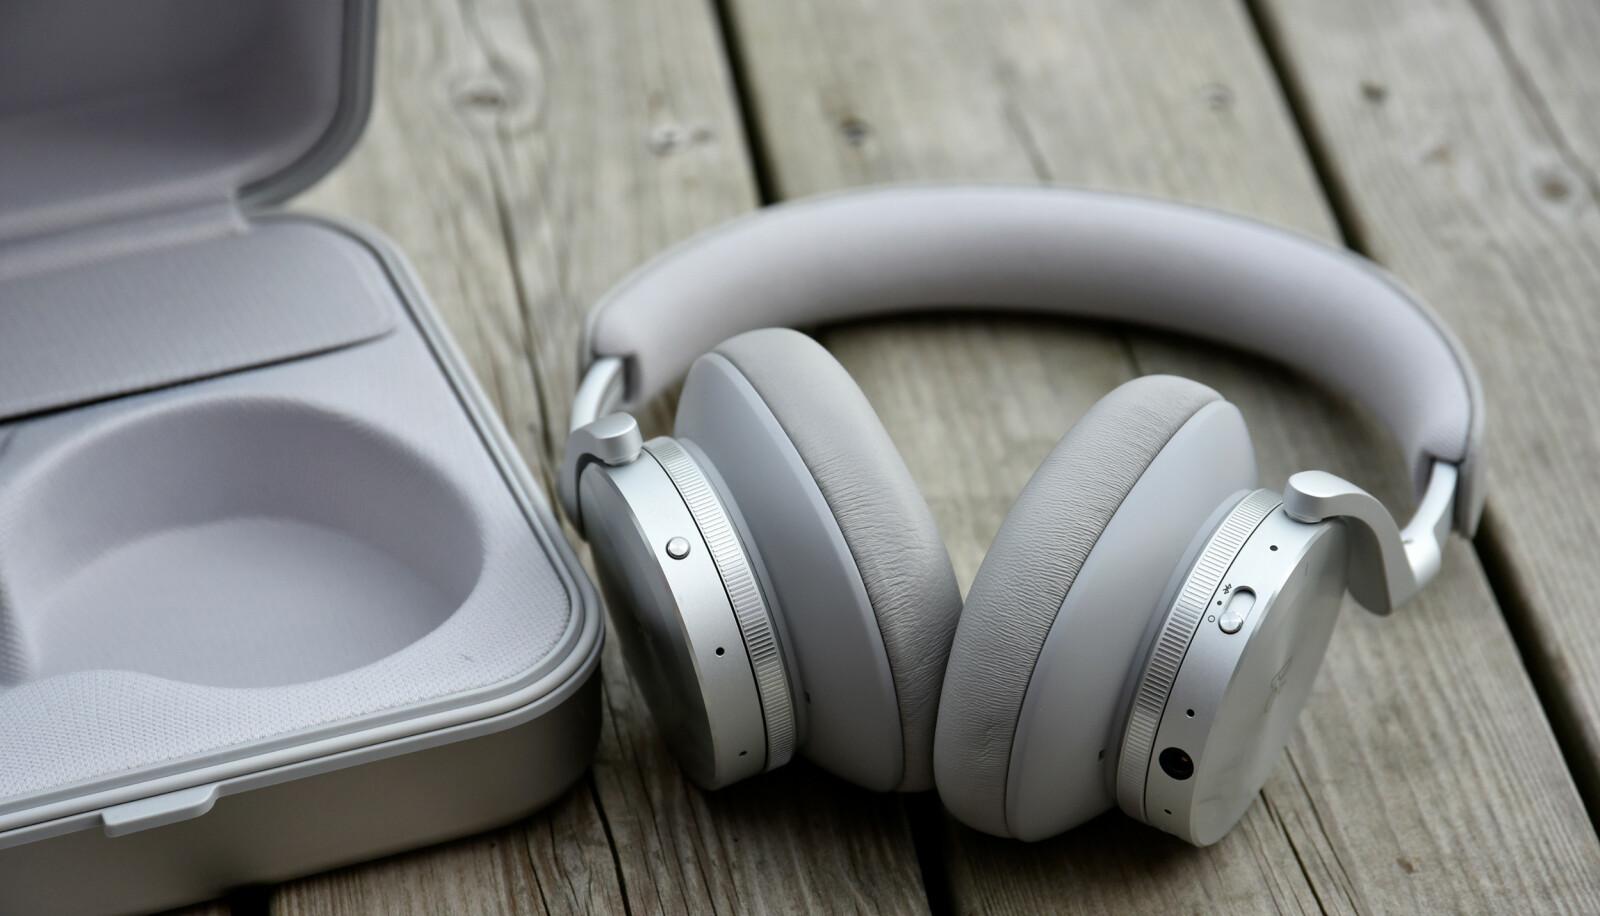 KNALLGODE: Det er liten tvil om at Beoplay H95 er et særdeles godt par med hodetelefoner. Men de har også en grusomt høy prislapp. Foto: Pål Joakim Pollen